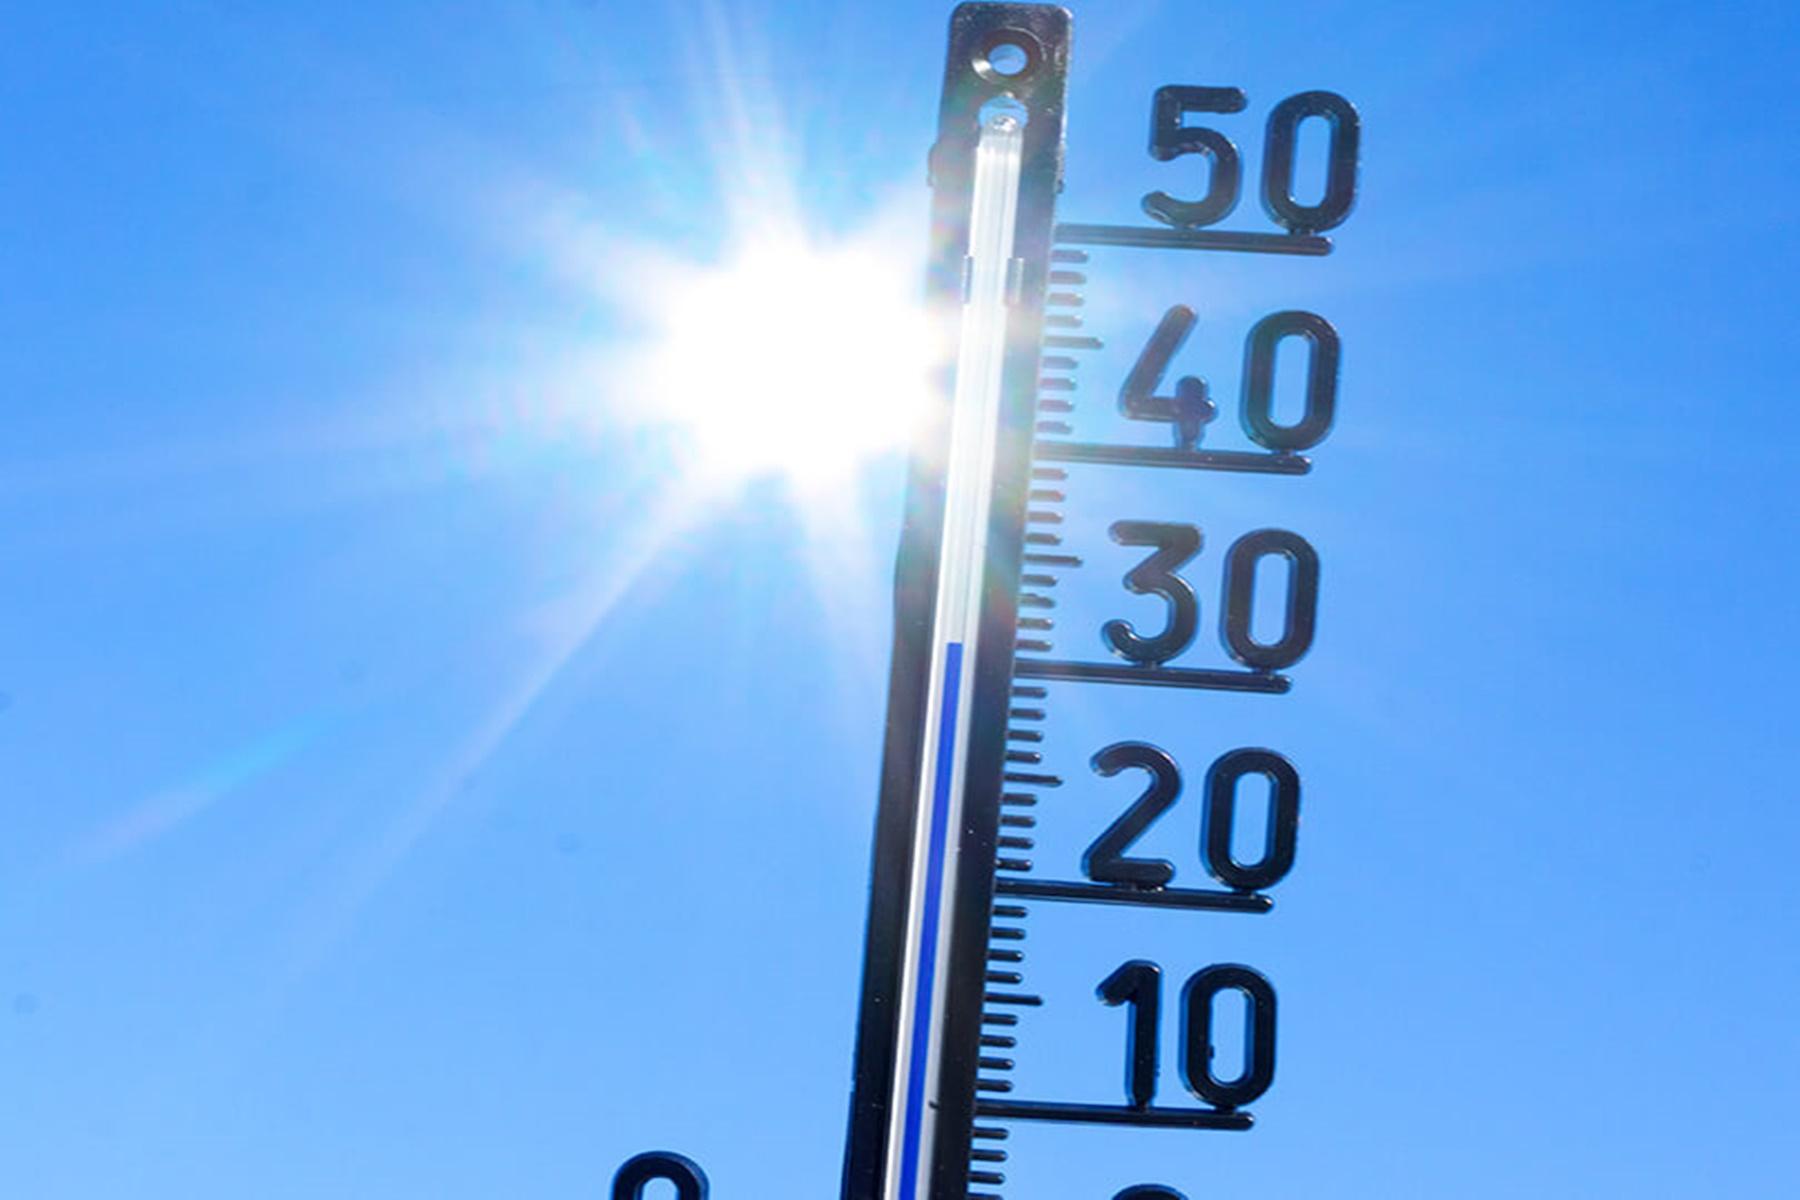 Θερμοπληξία : Μάθετε πως προλαμβάνεται και πως εκδηλώνεται